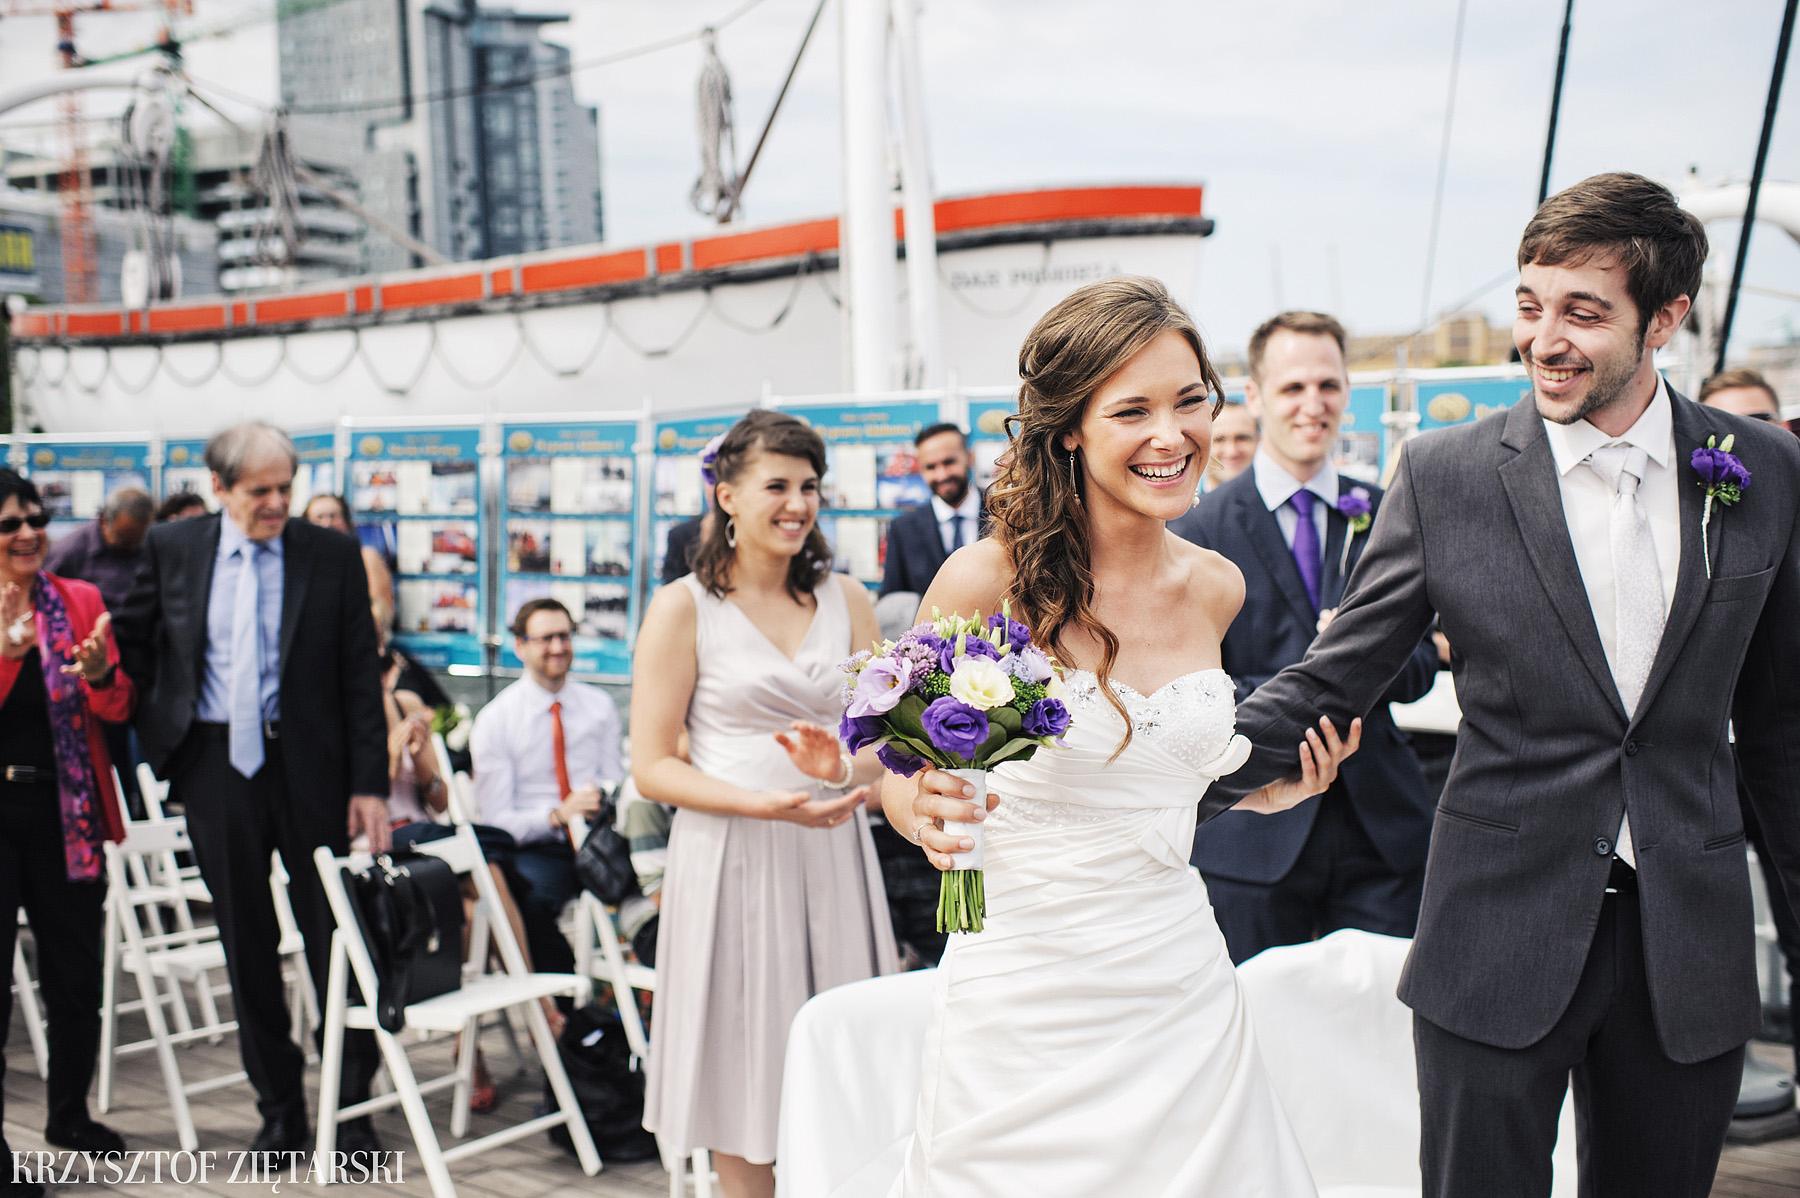 Gosia i Gabriele - Fotografia ślubna Gdynia - Dar Pomorza, Gościniec dla Przyjaciół Wyczechowo, Sea Towers - 21.